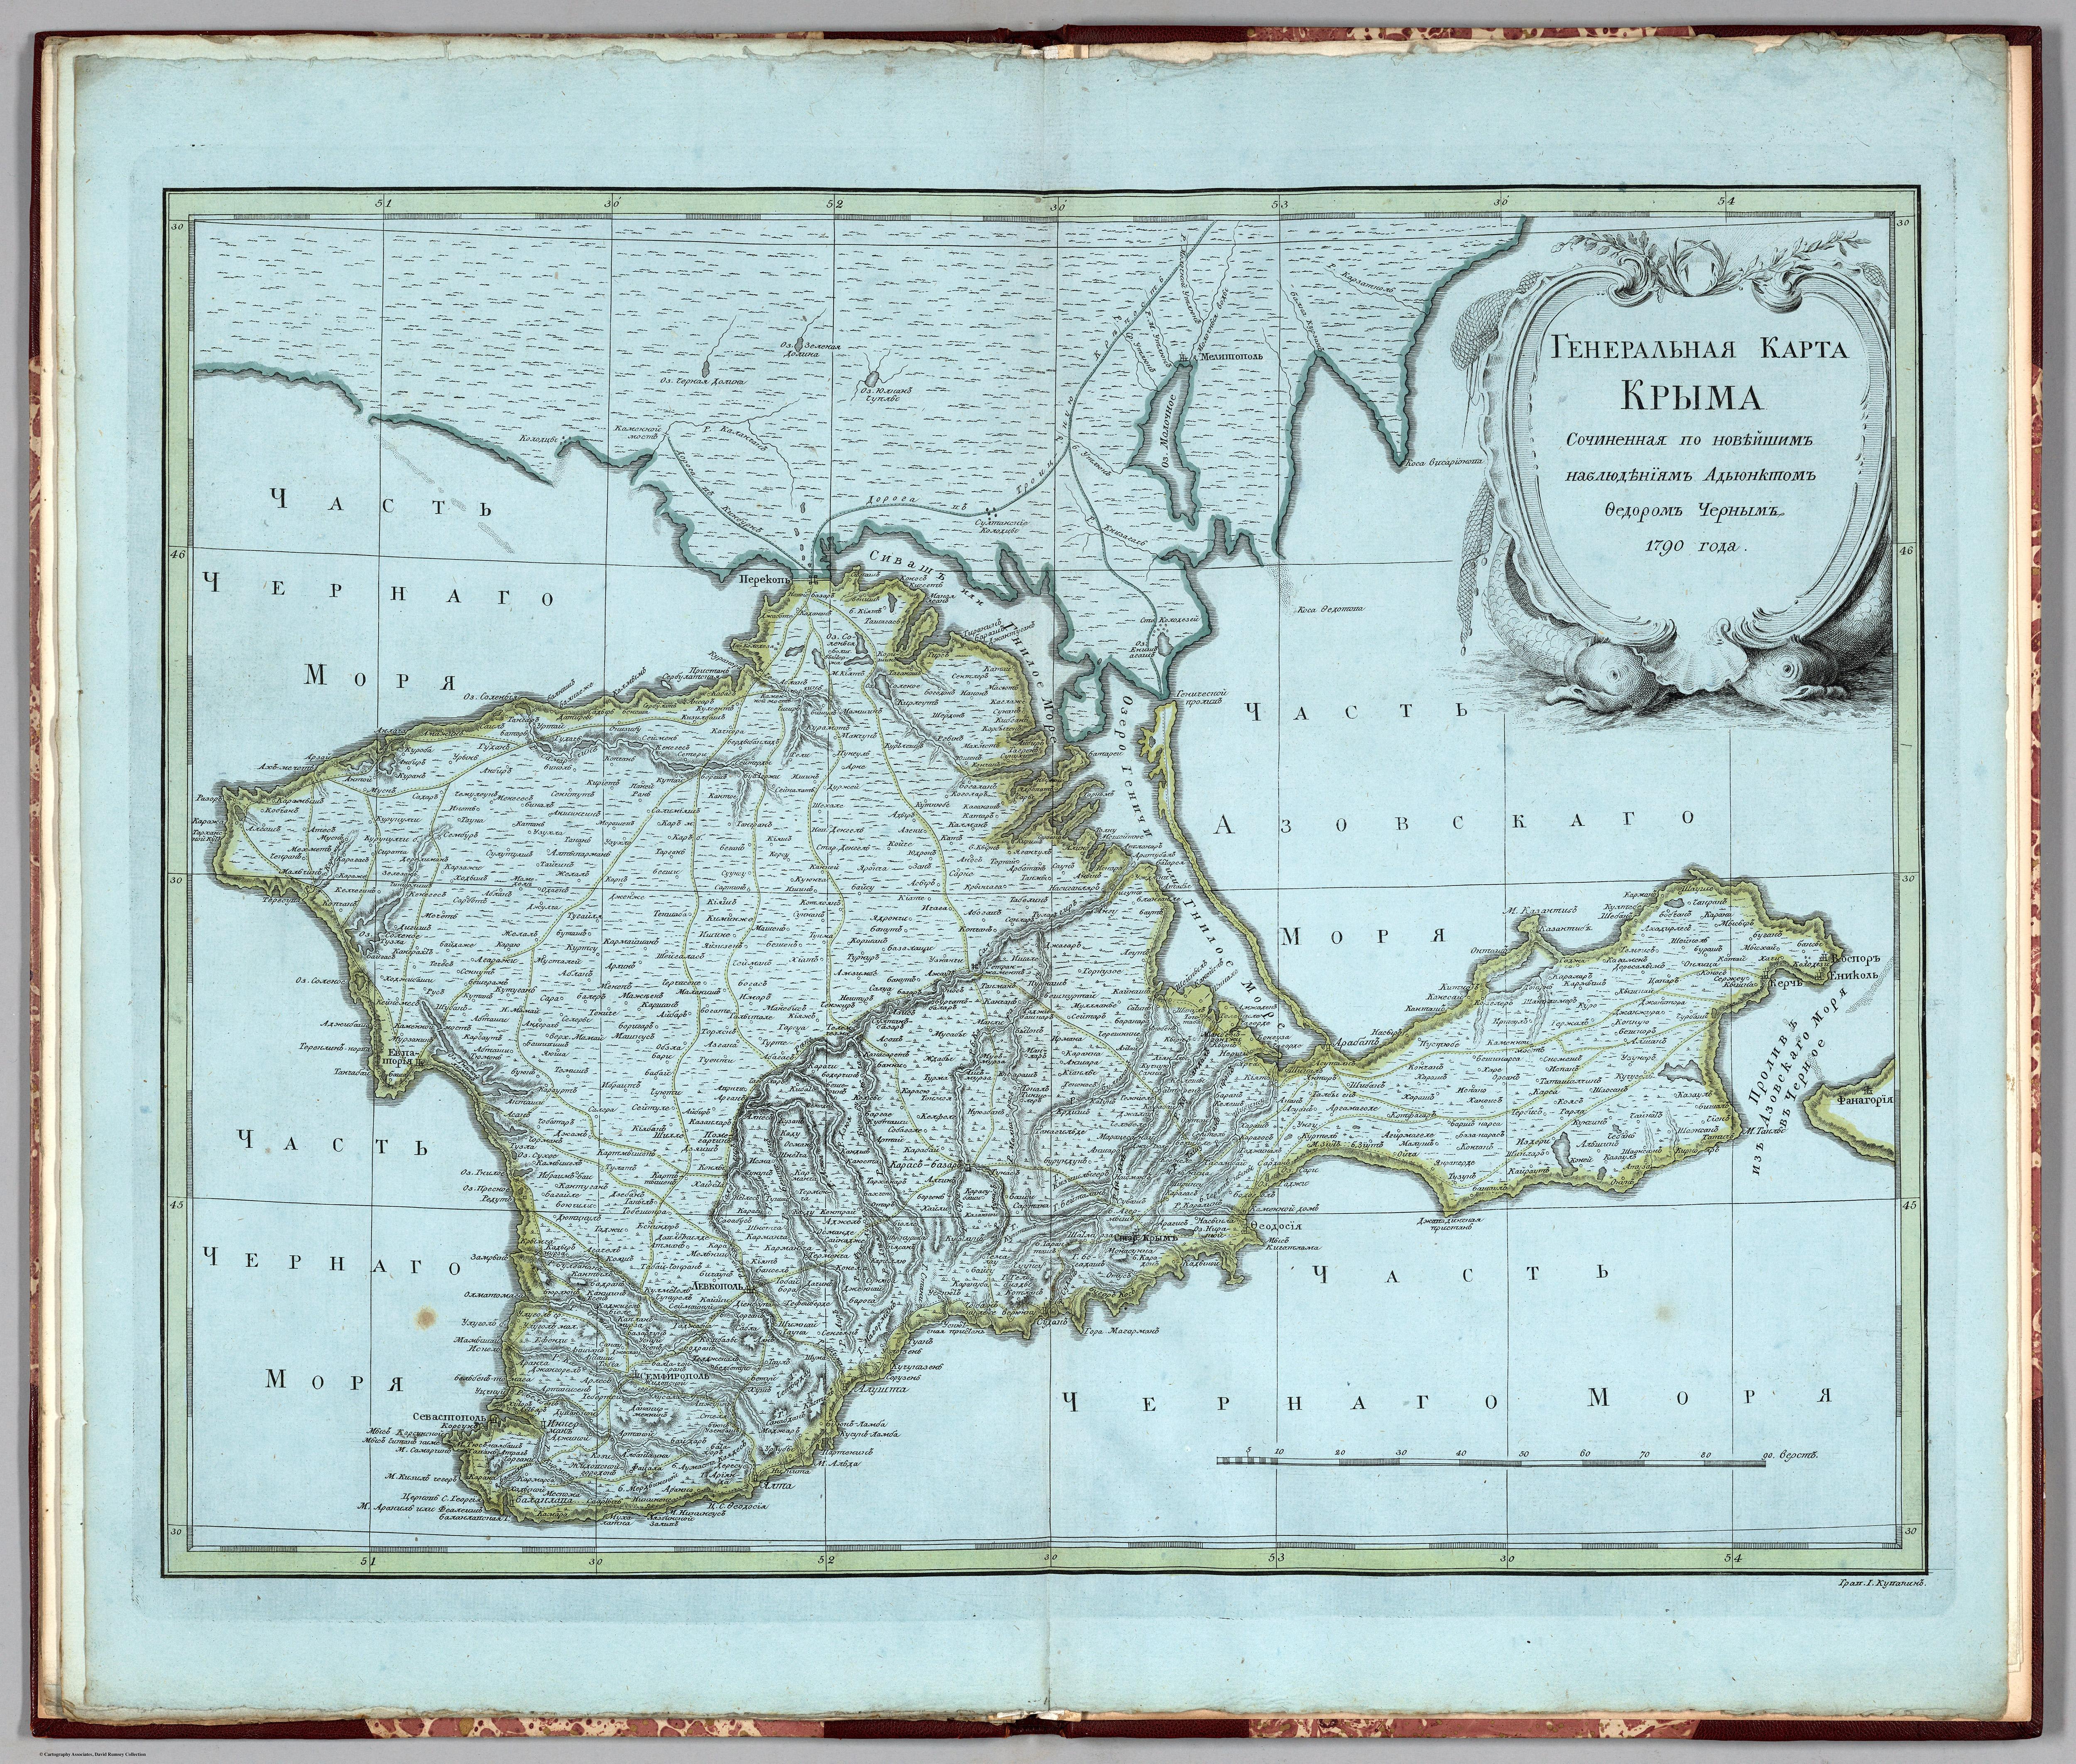 Генеральная карта Крыма 1790 года (конец 18 века)